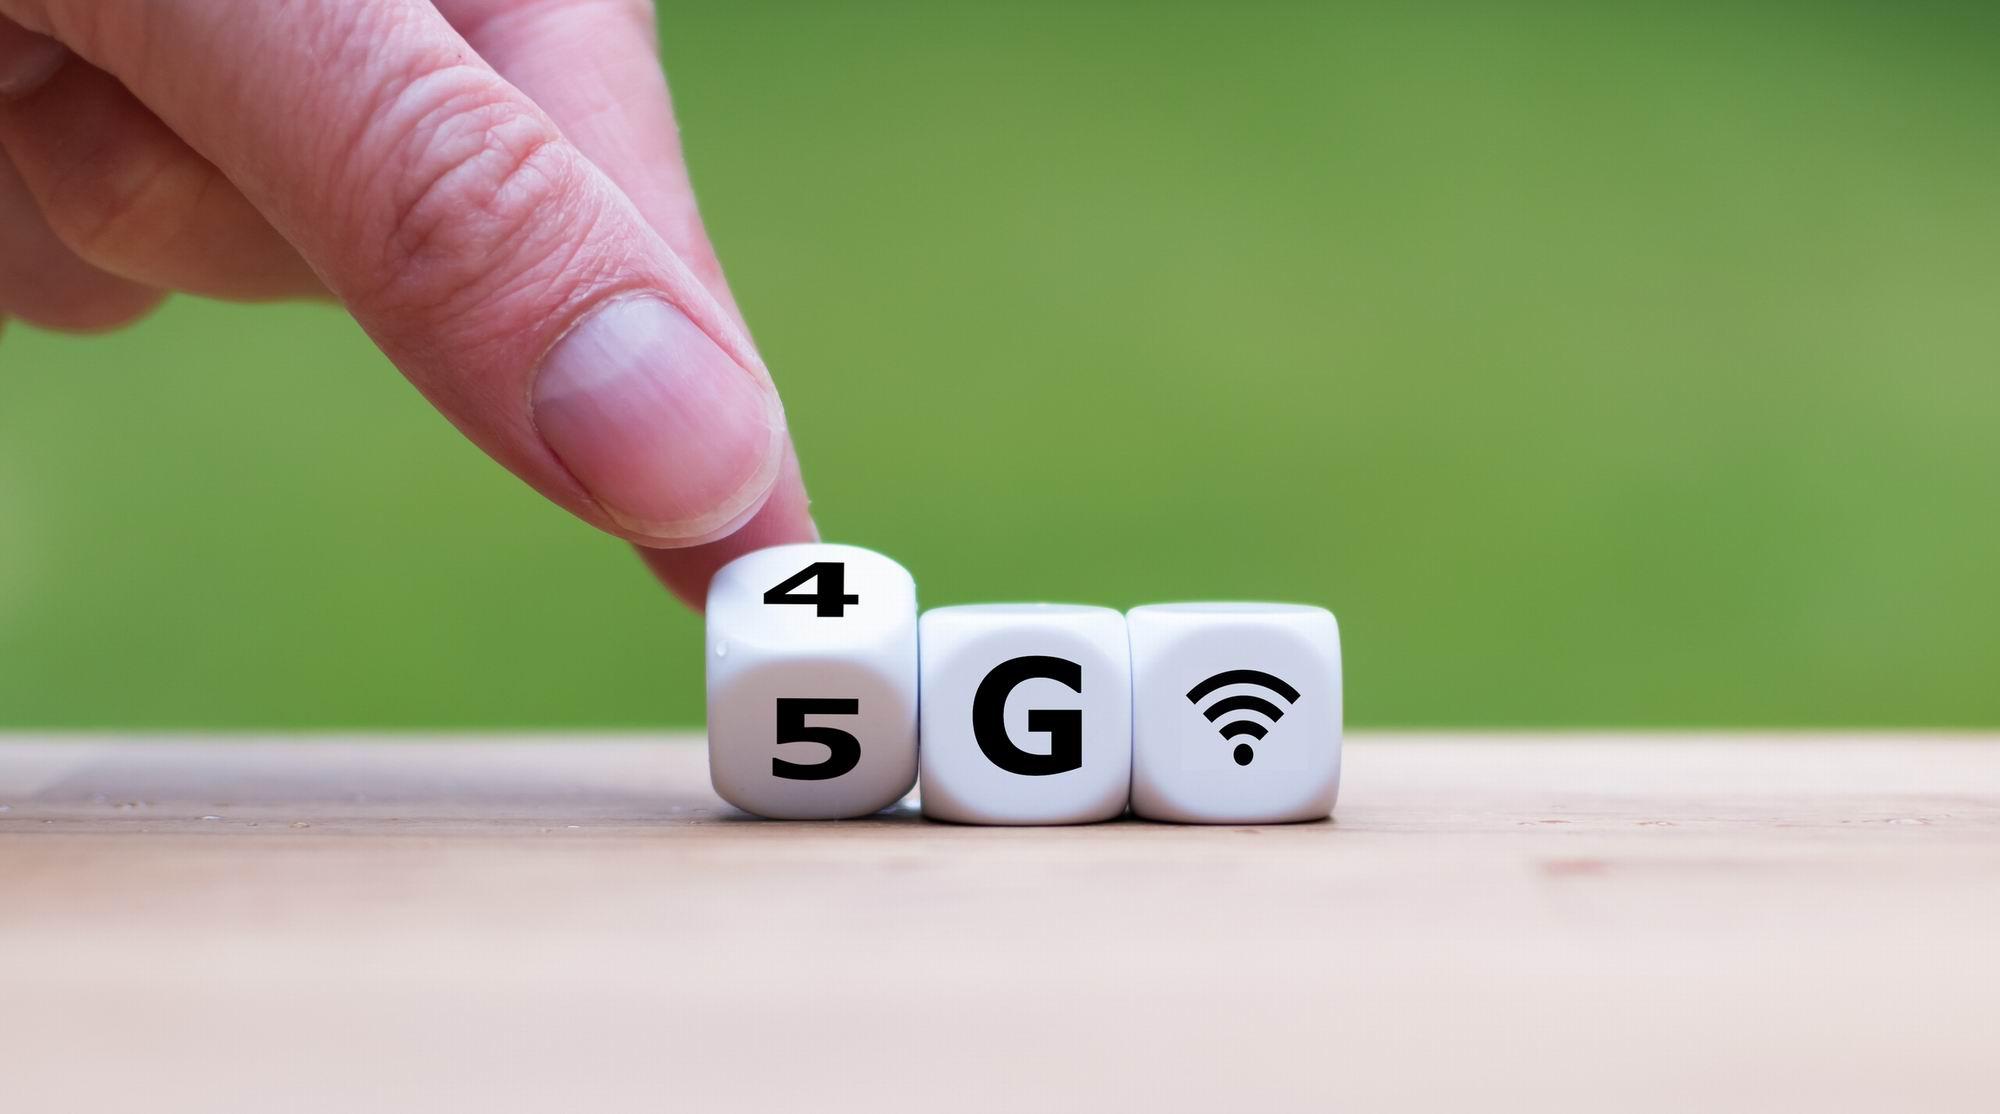 Războaiele Rețelei: tehnologia 5G și spulberarea ascensiunii chineze